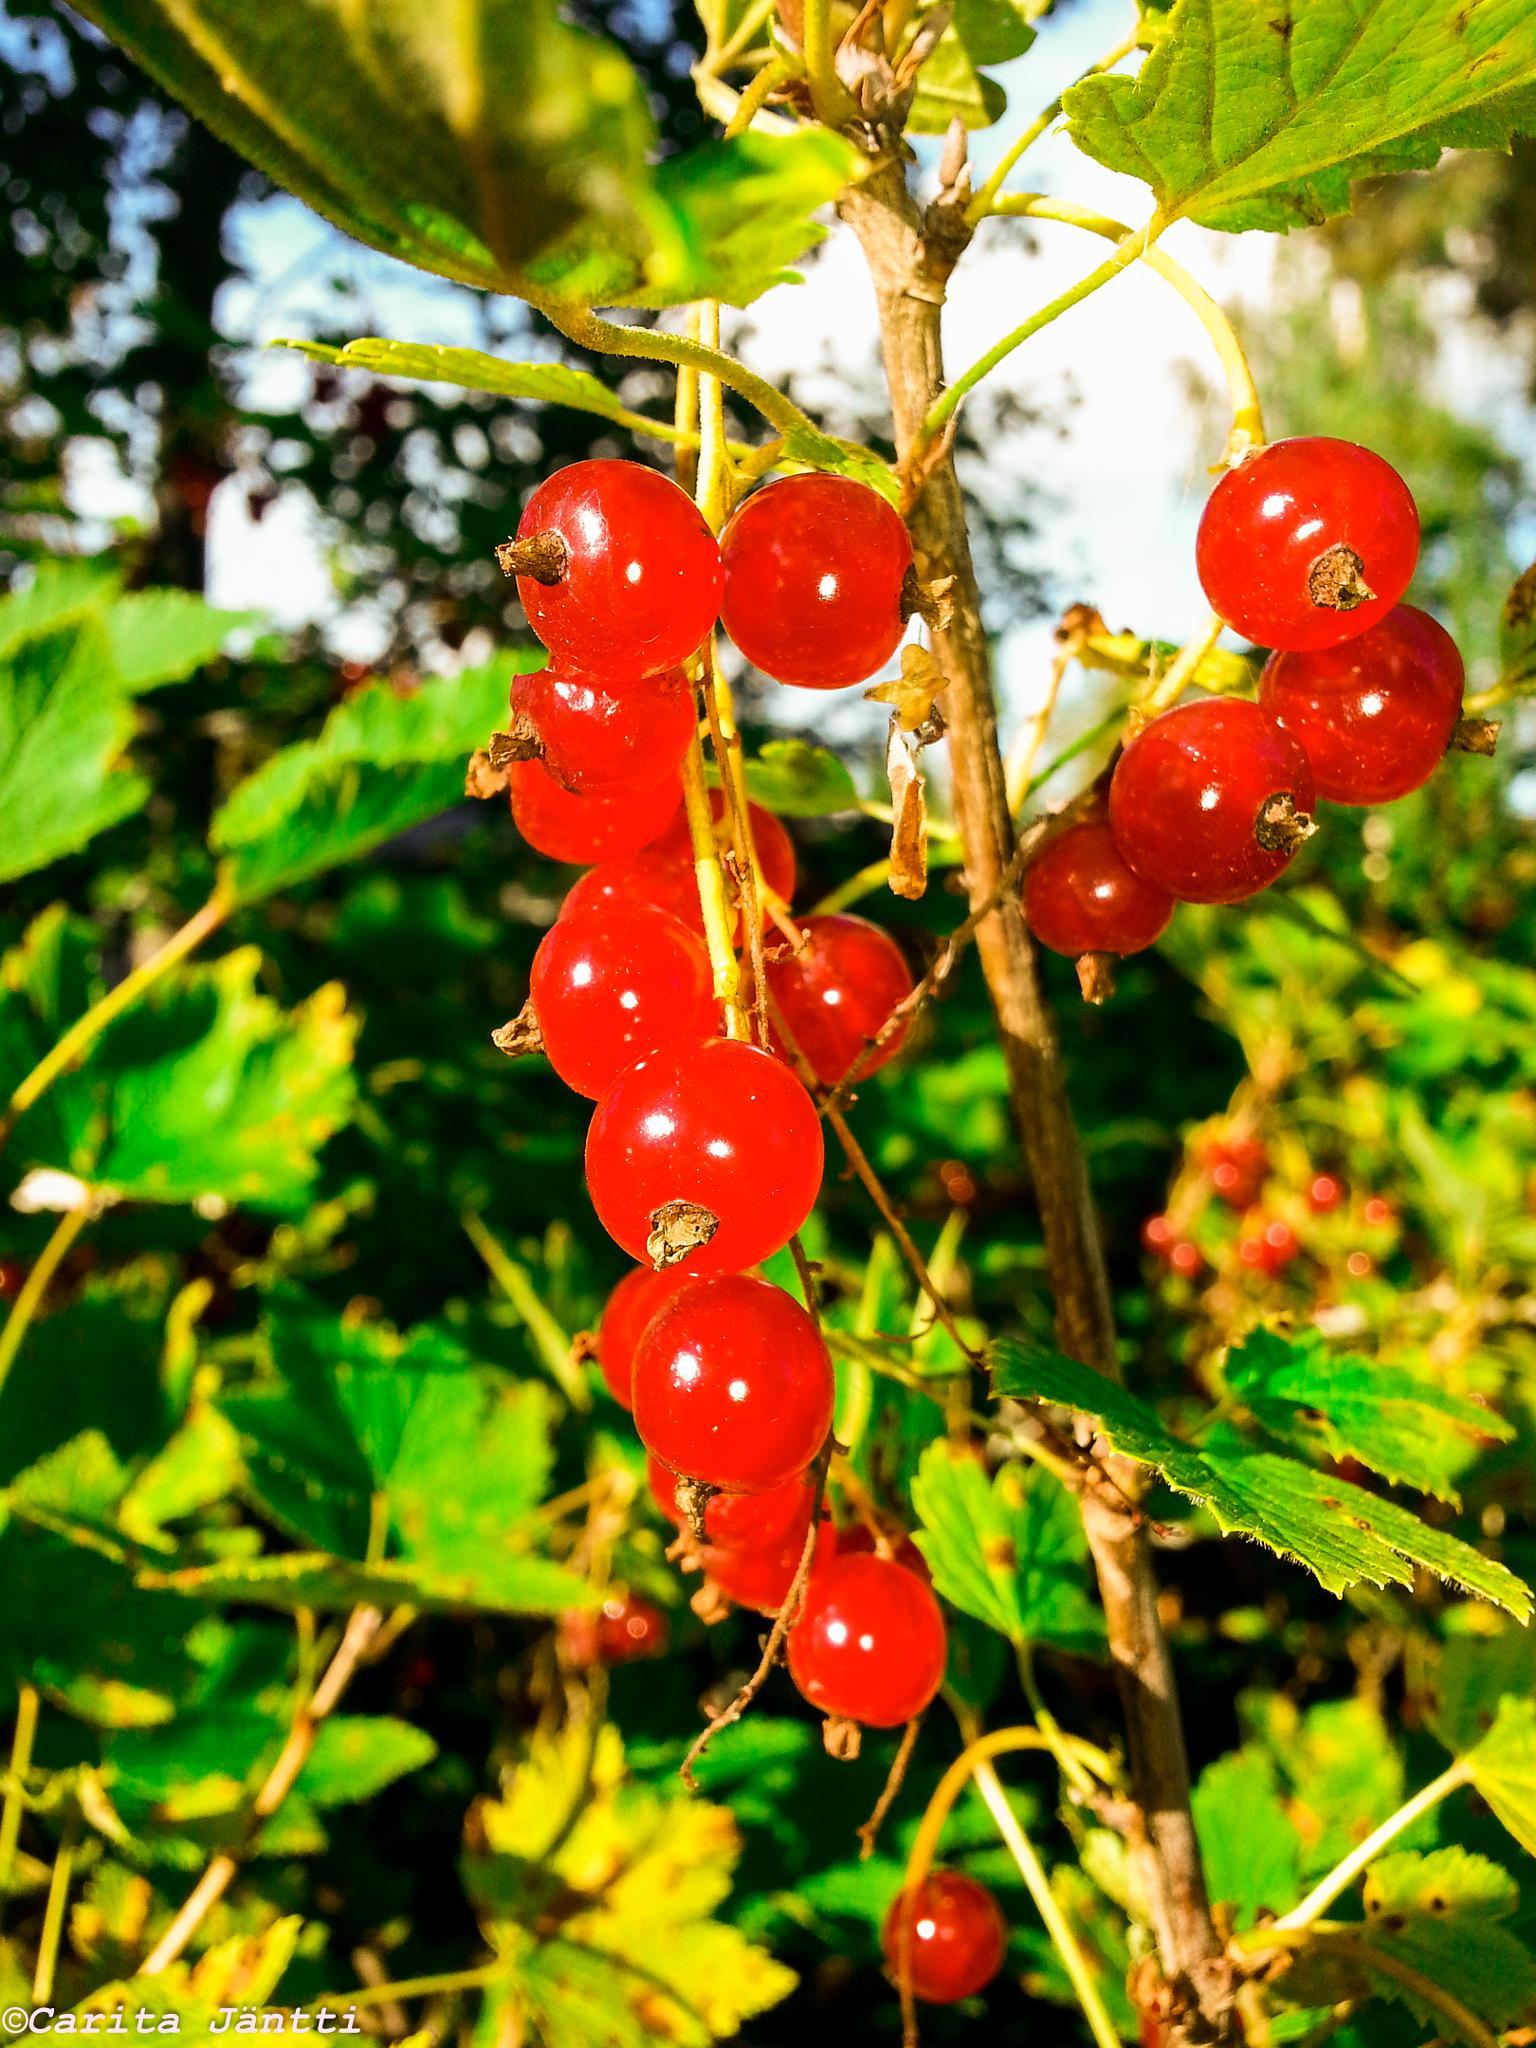 Berries by Carita Jäntti